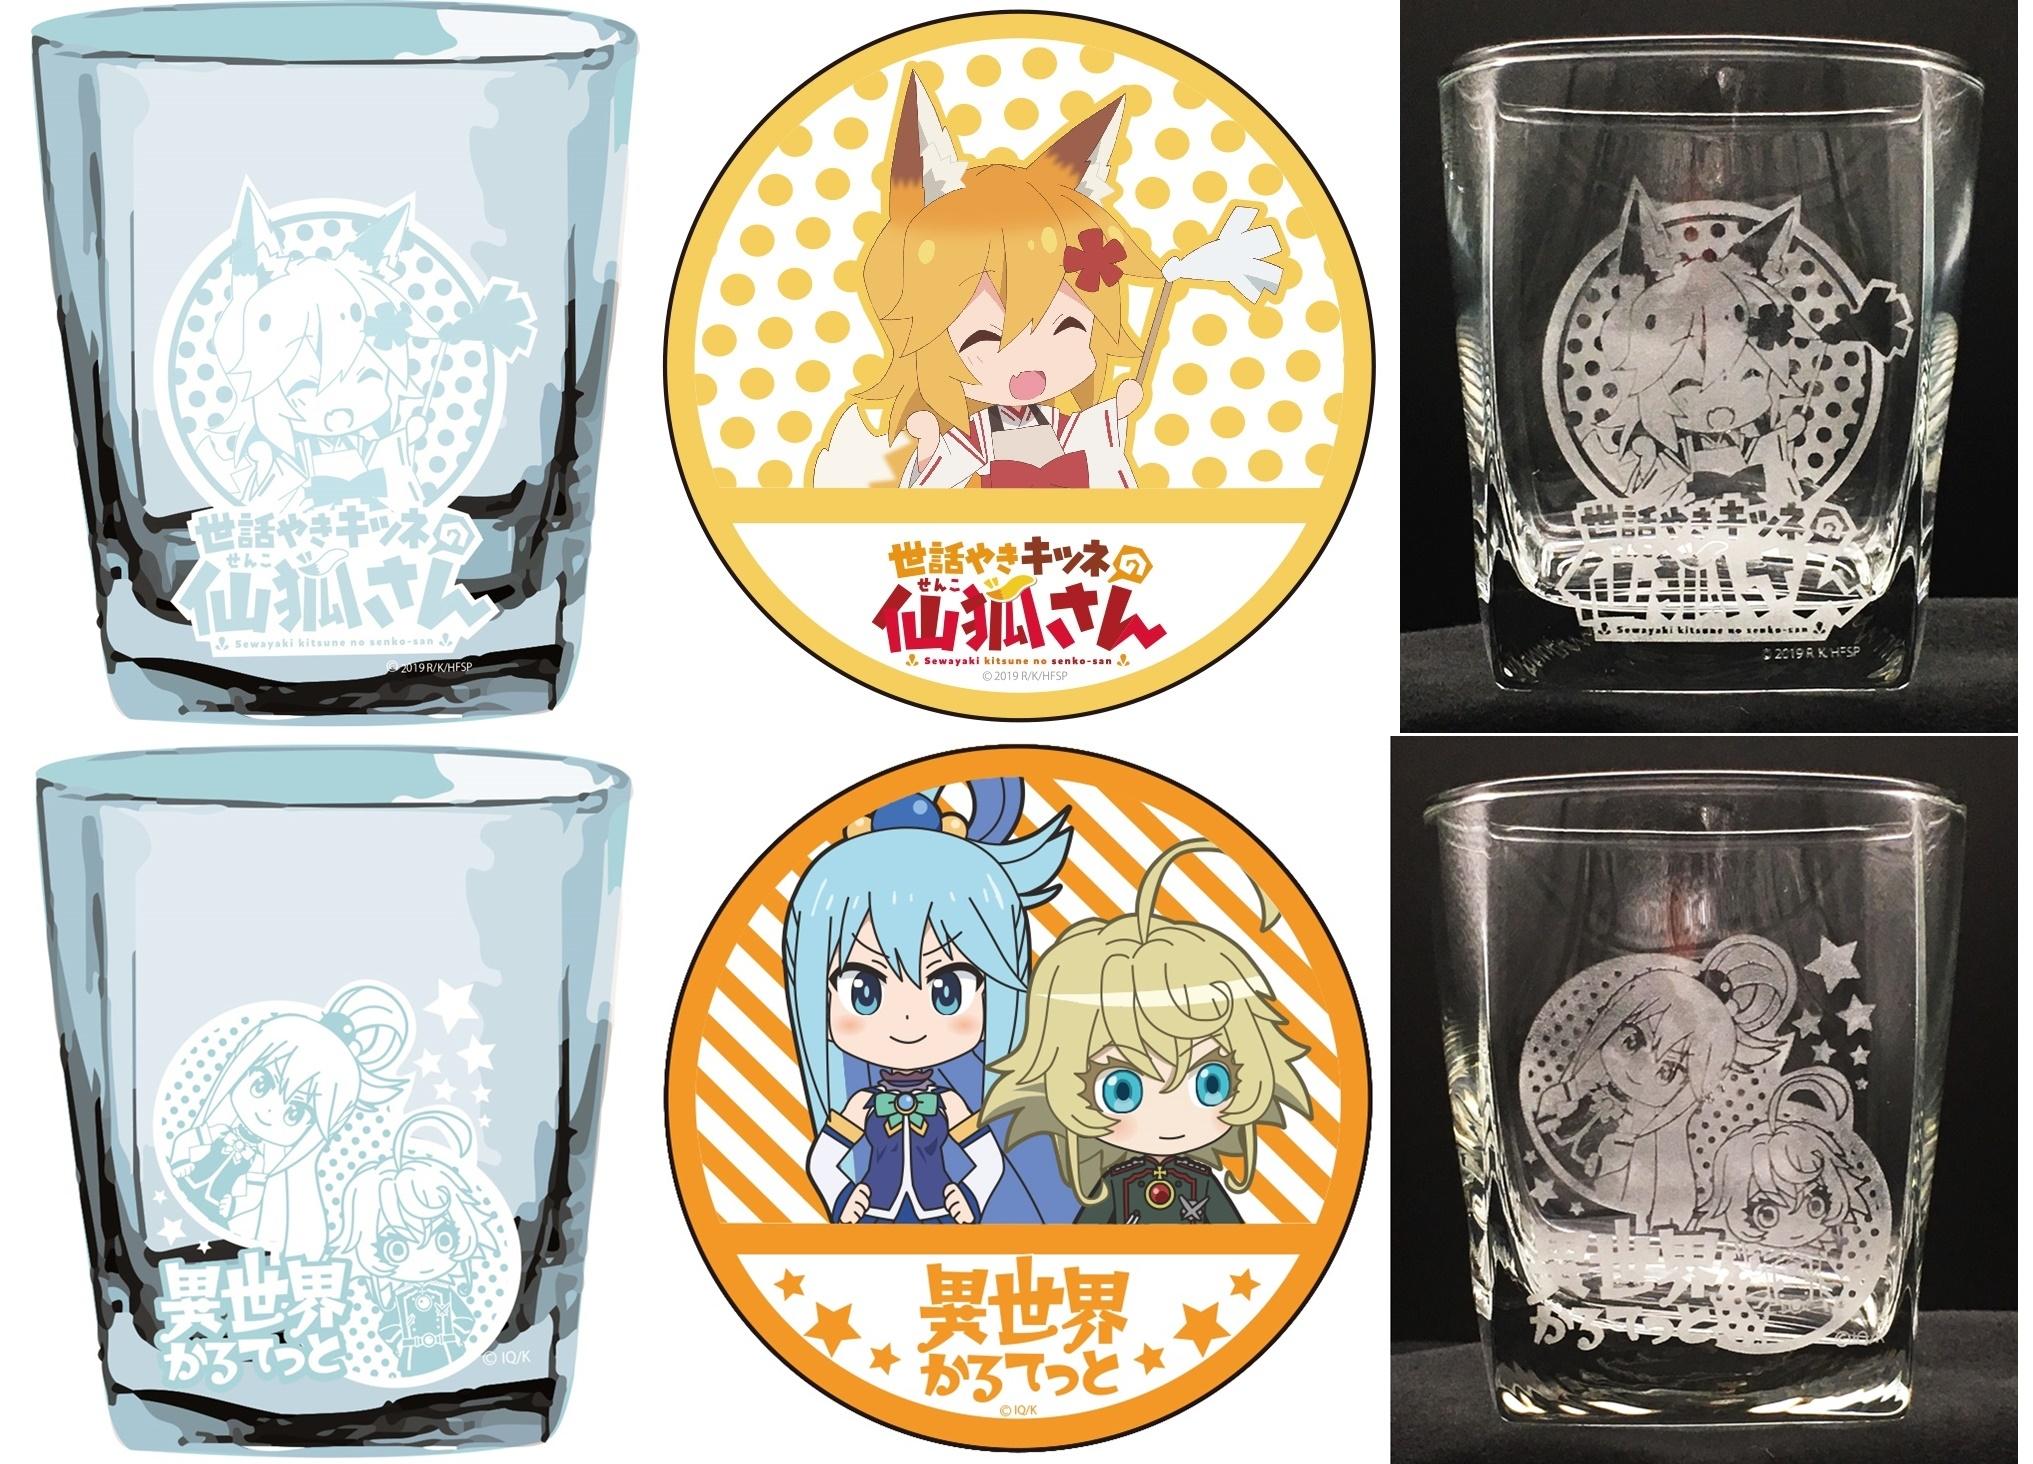 『仙狐さん』&『異世界かるてっと』レーザー彫刻スクエアグラス発売